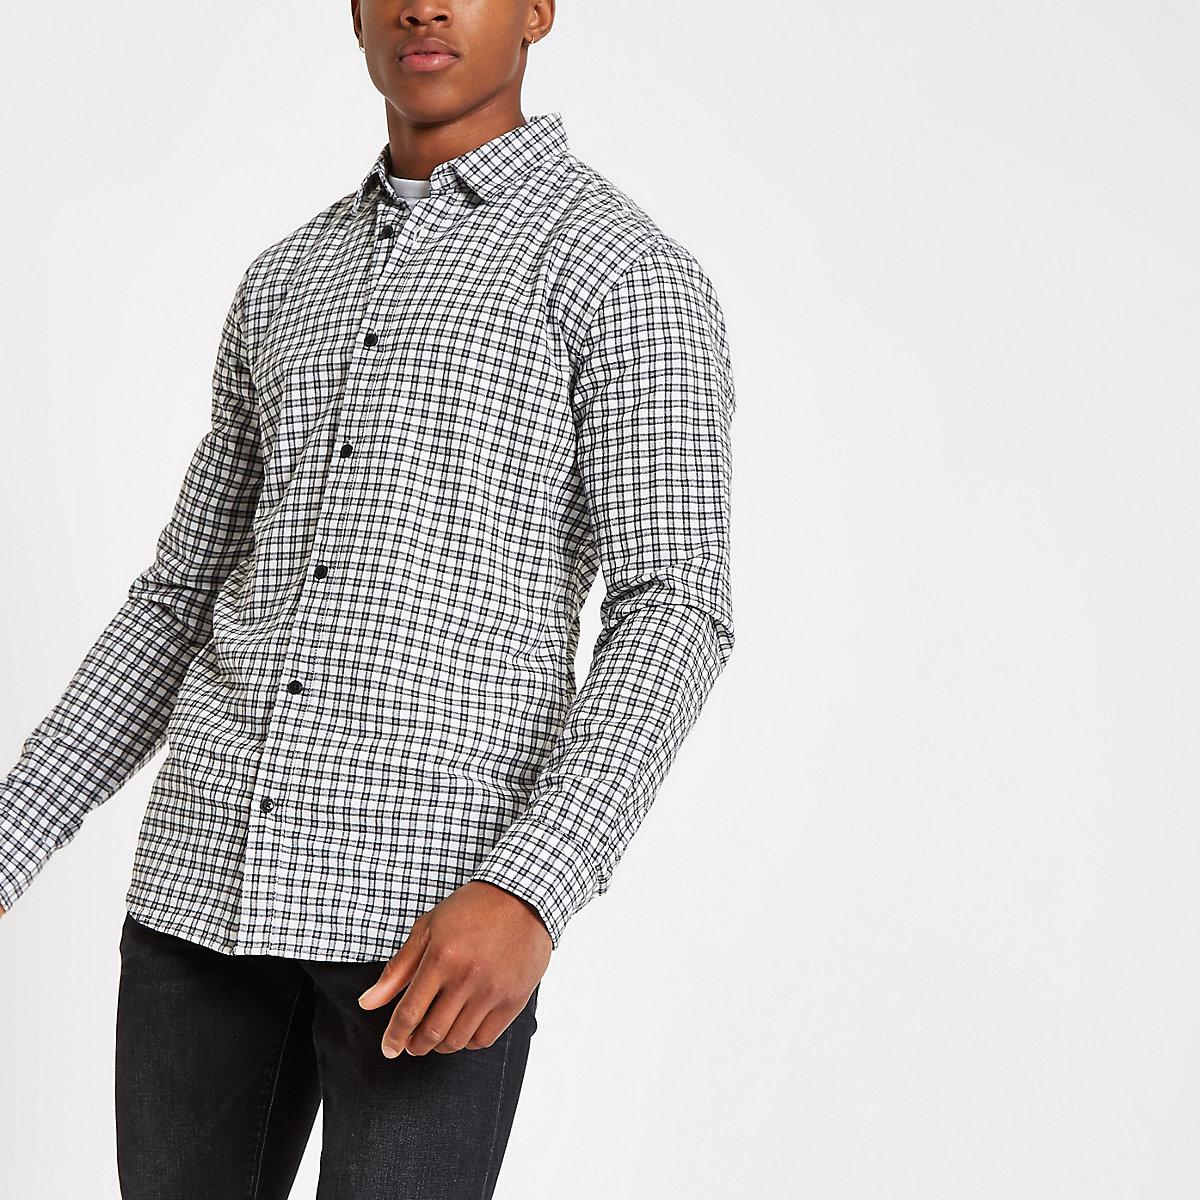 483171f8e9c Only   Sons Tony blue check shirt - Long Sleeve Shirts - Shirts - men